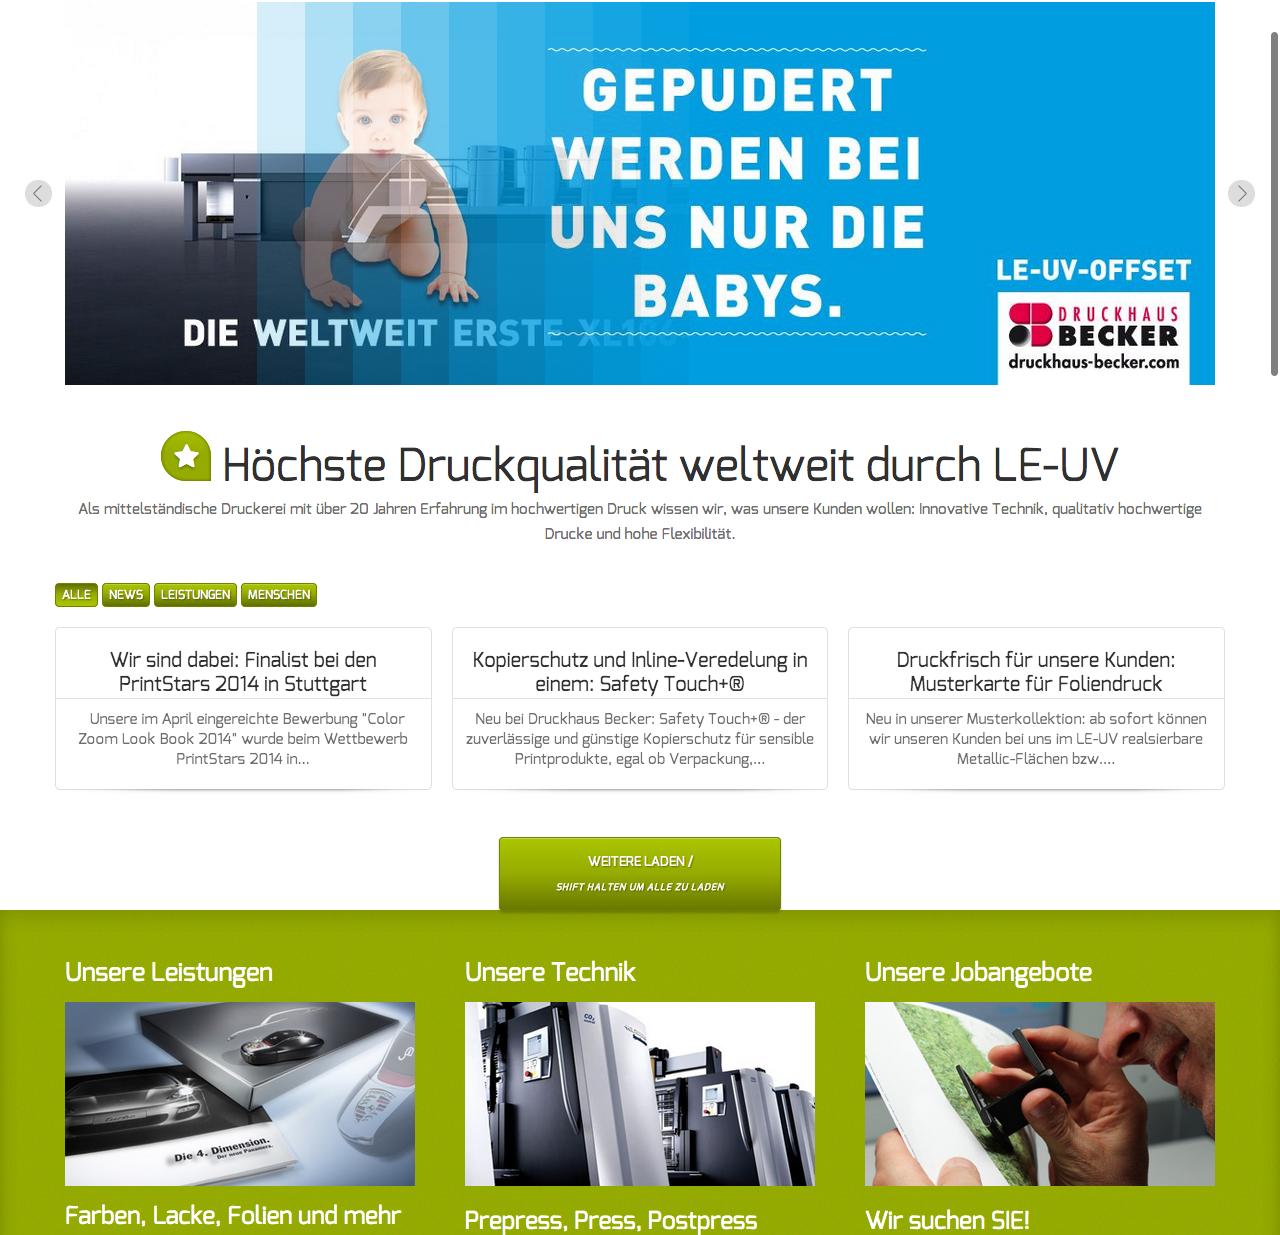 Referenz Webdesign - Druckhaus-Becker.com